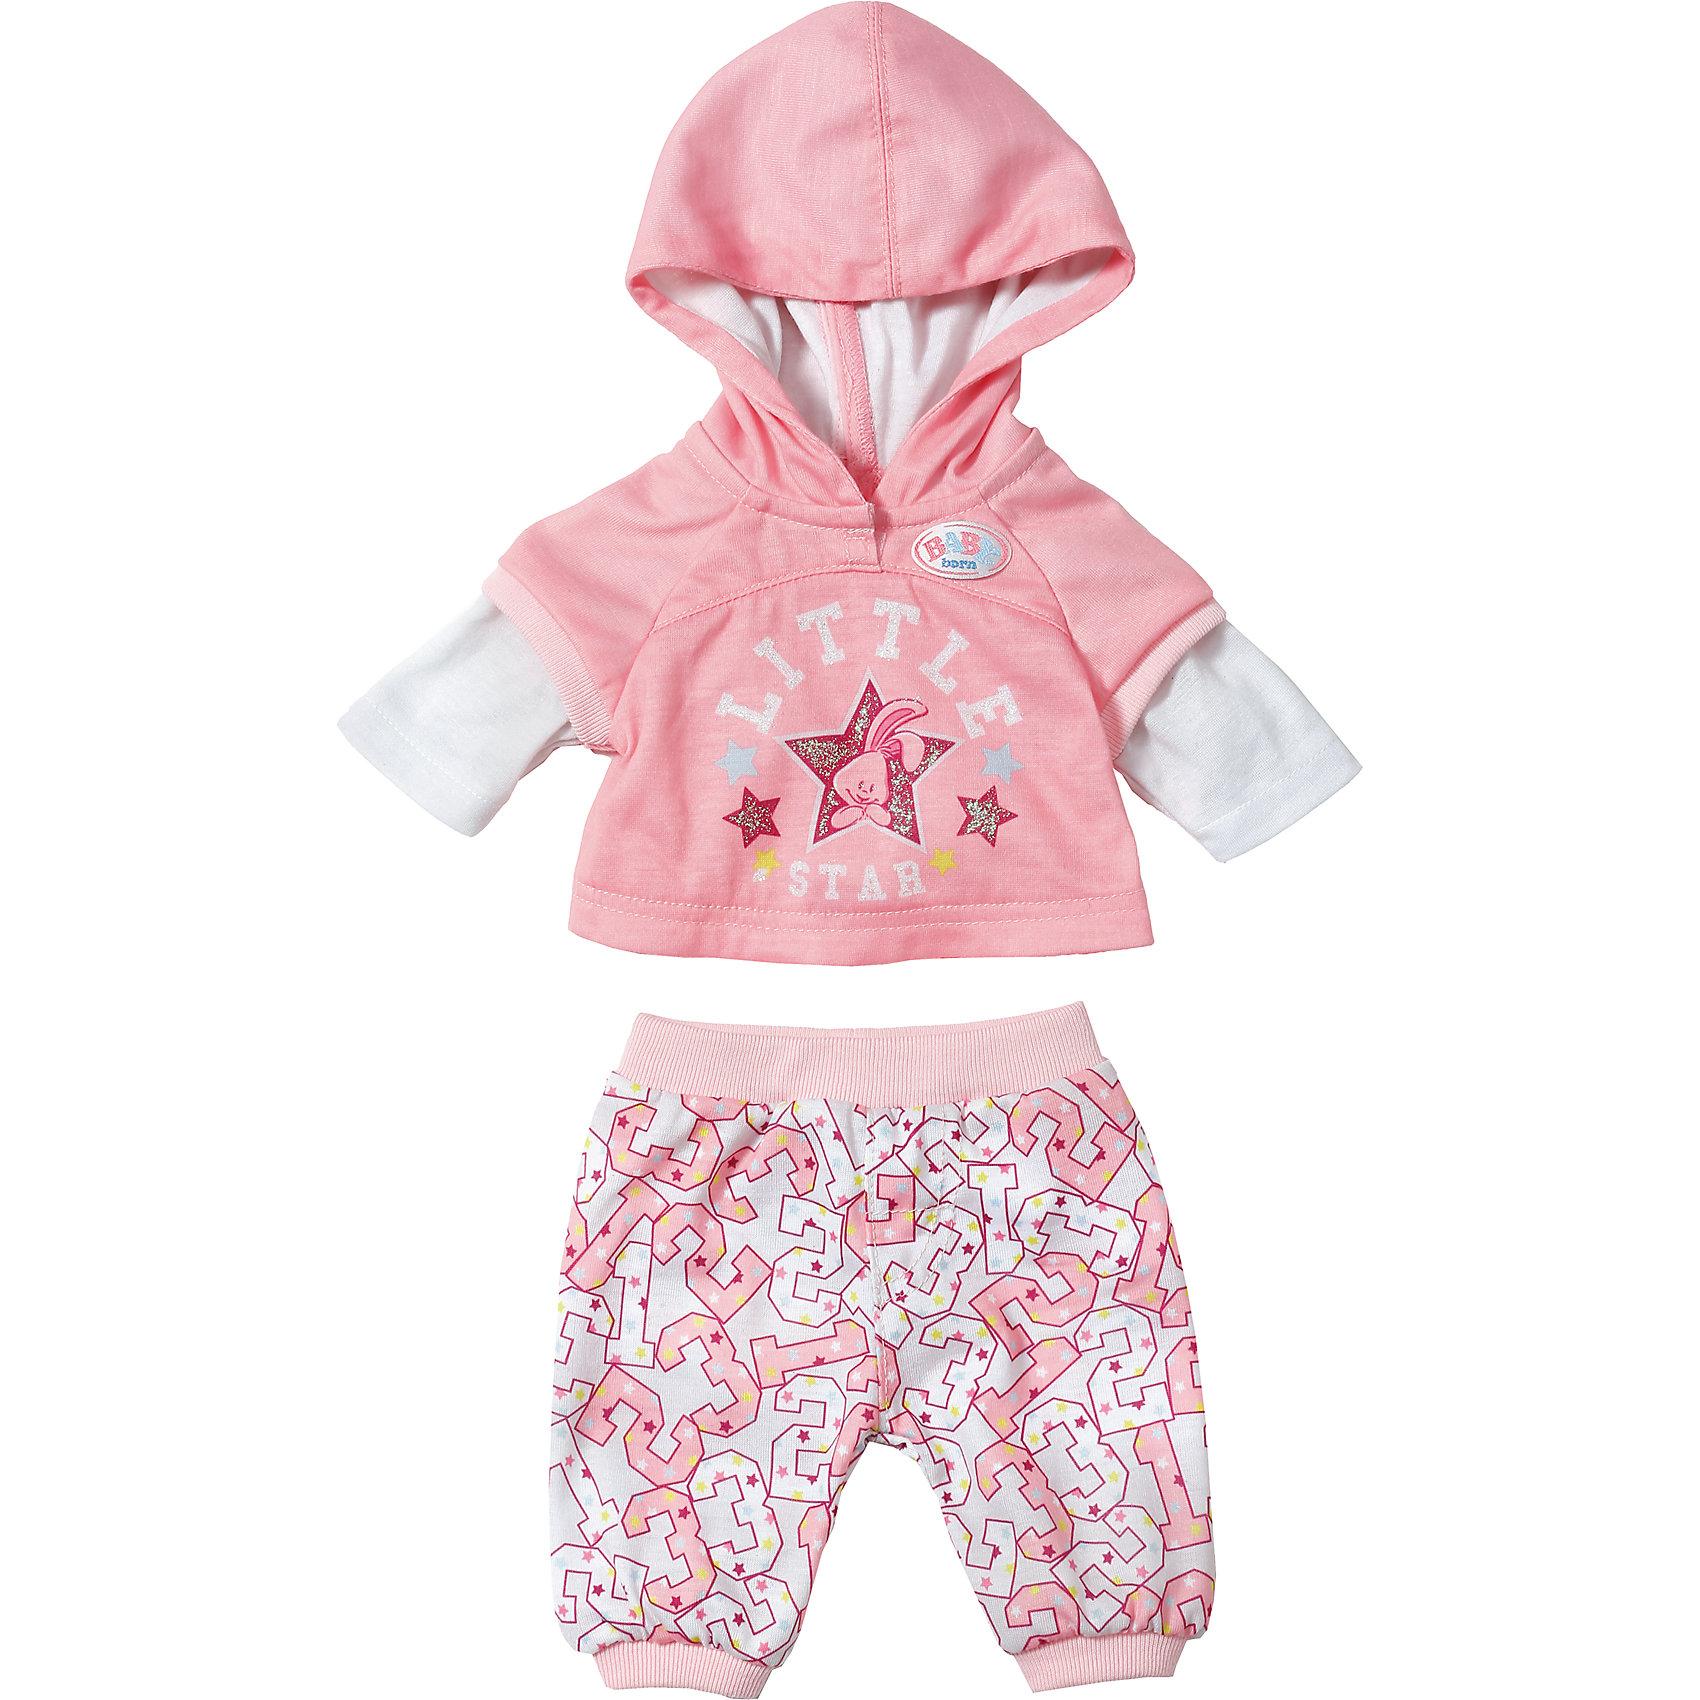 Одежда для спорта Little Star, BABY bornКукольная одежда и аксессуары<br>Характеристики товара:<br><br>• возраст: от 3 лет;<br>• материал: текстиль;<br>• в комплекте: шорты, кофта;<br>• размер упаковки: 22х19х2 см;<br>• вес упаковки: 105 гр.;<br>• страна производитель: Китай.<br><br>Одежда для спорта Little Star Baby Born дополнит гардероб любимой куколки Baby Born и сделает ее стильной во время занятий спортом. Комплект состоит из розовых шортиков на резинке и толстовки с капюшоном, украшенной ярким рисунком. Одежда изготовлена из качественного мягкого материала.<br><br>Одежду для спорта Little Star Baby Born можно приобрести в нашем интернет-магазине.<br><br>Ширина мм: 120<br>Глубина мм: 340<br>Высота мм: 220<br>Вес г: 133<br>Возраст от месяцев: 36<br>Возраст до месяцев: 2147483647<br>Пол: Женский<br>Возраст: Детский<br>SKU: 6886628